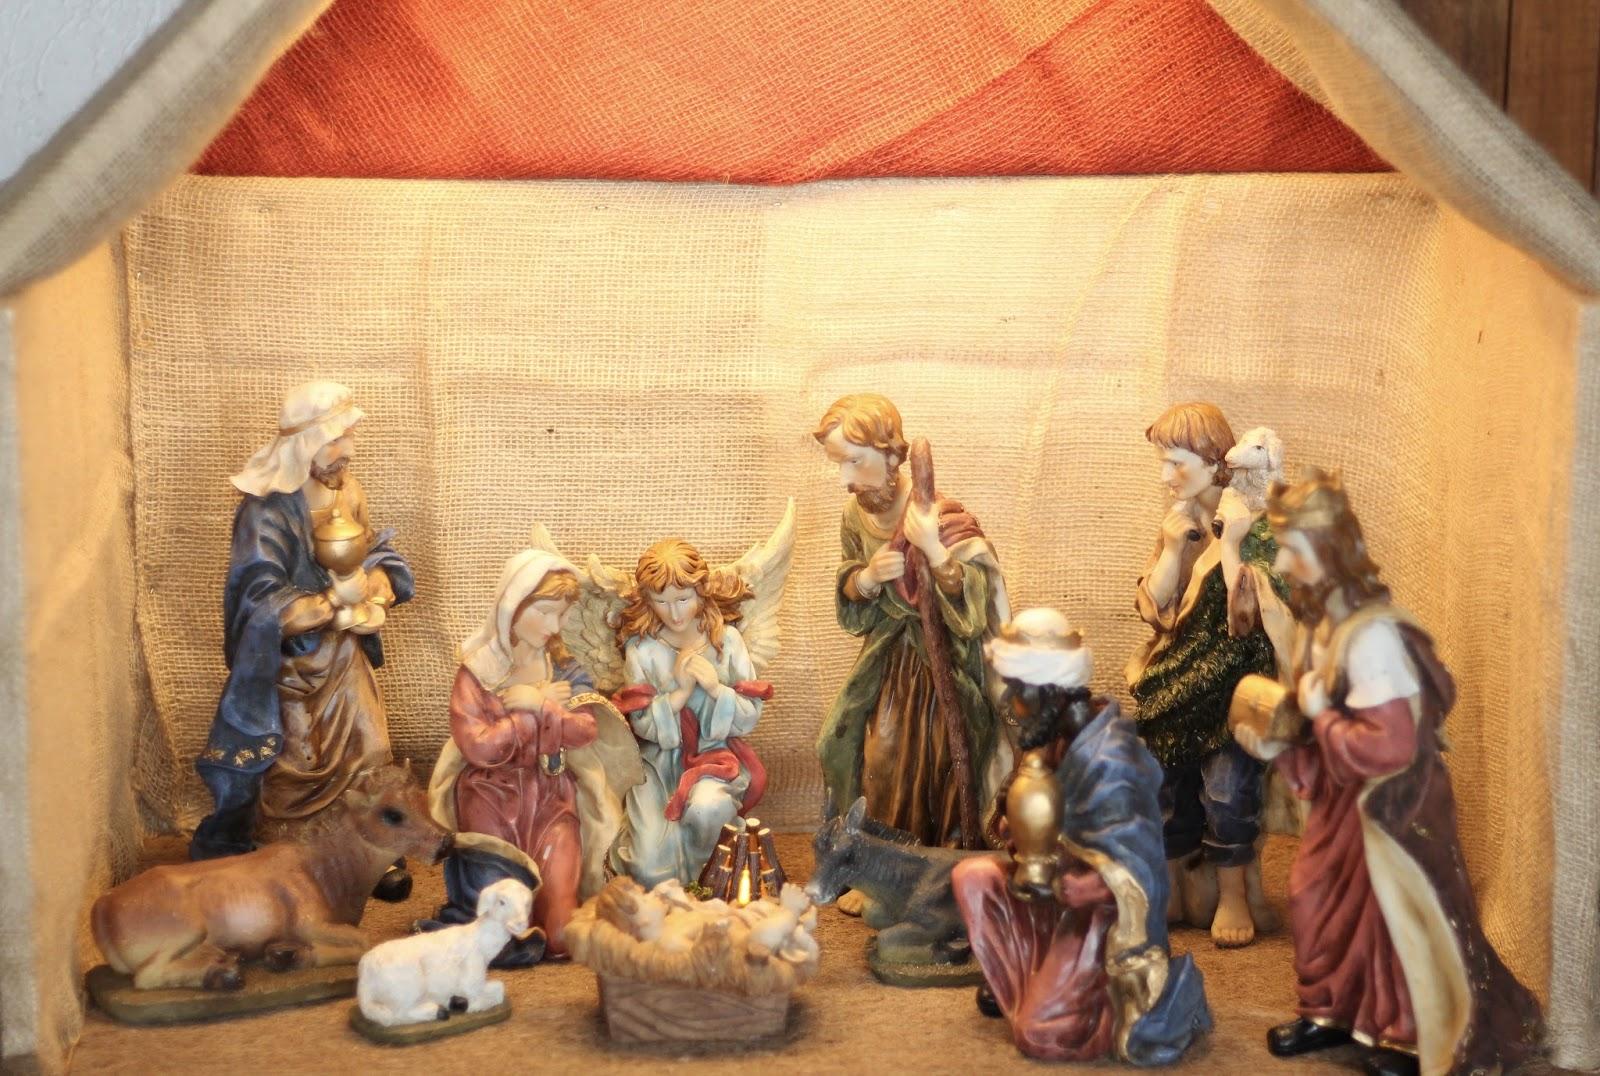 Selbst gebaute Weihnachtskrippe mit Figuren aus Polyresin oder Kunstharz